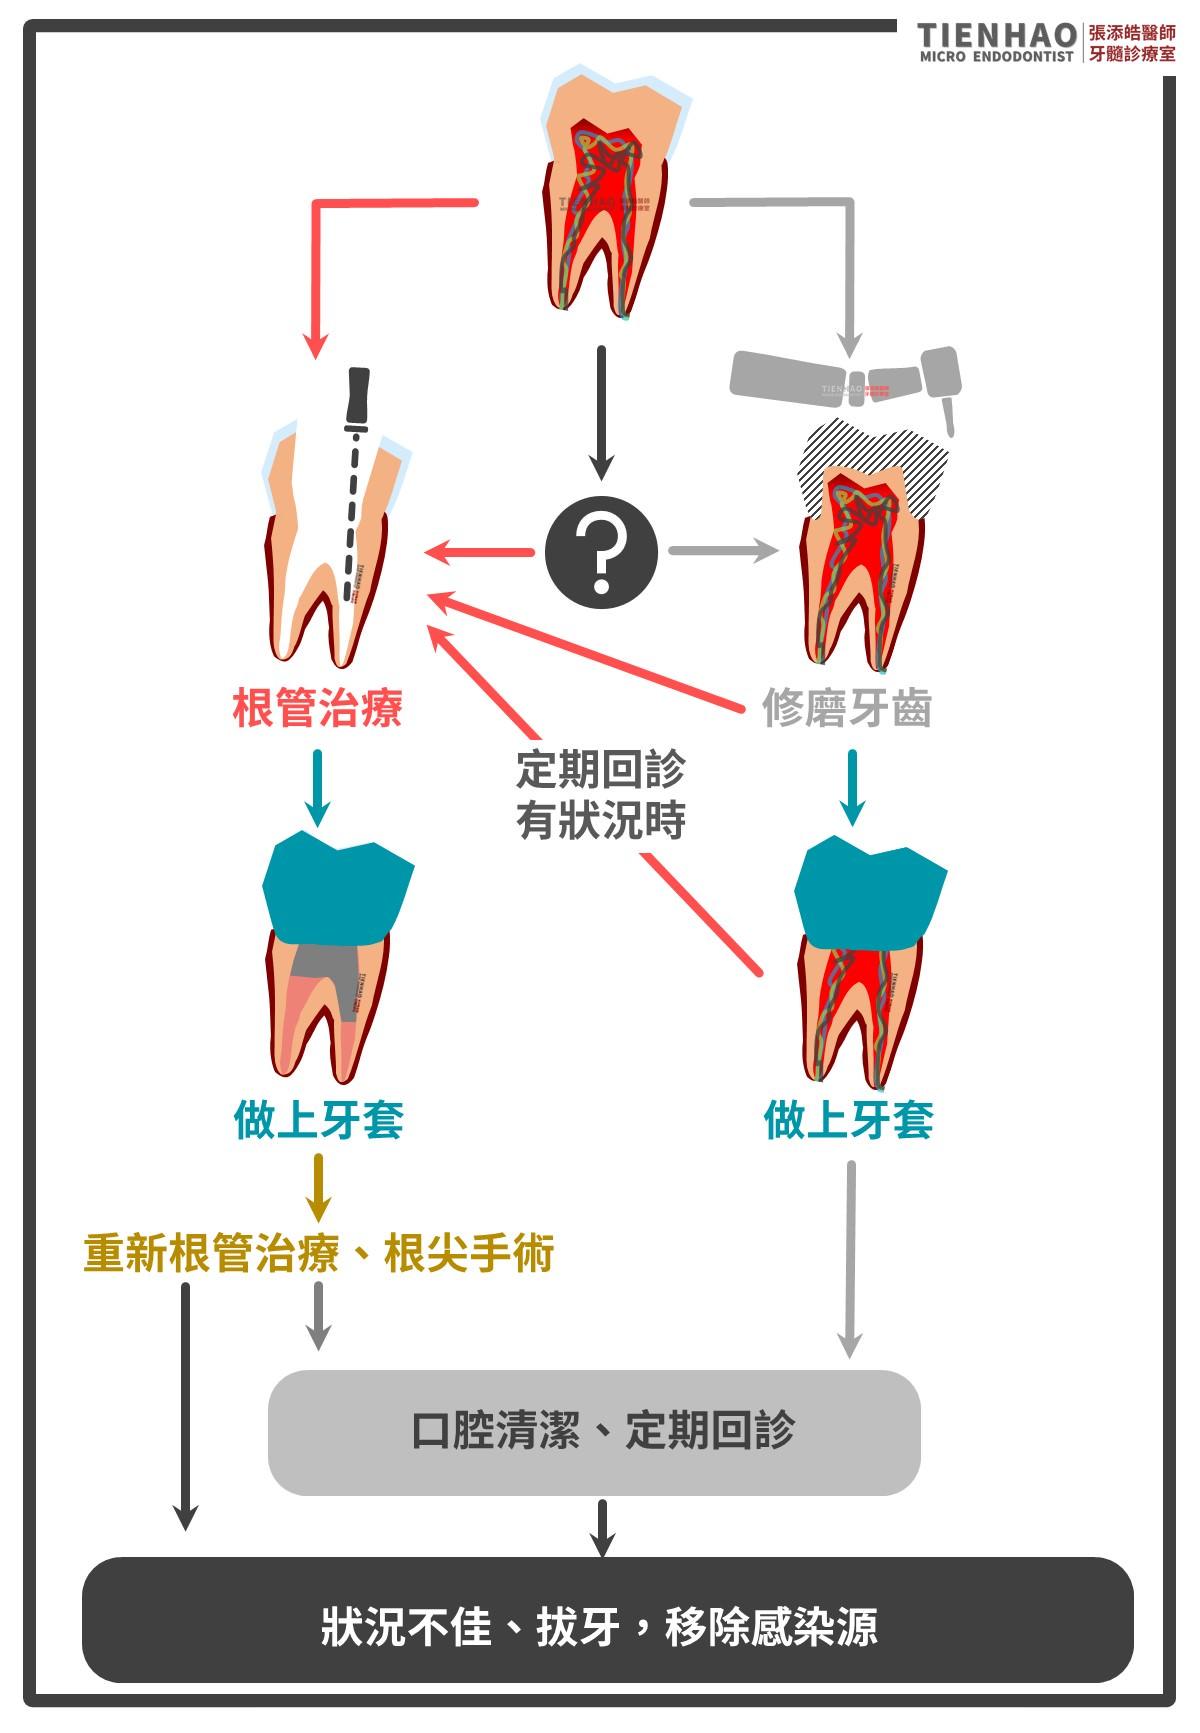 牙套要抽神經嗎